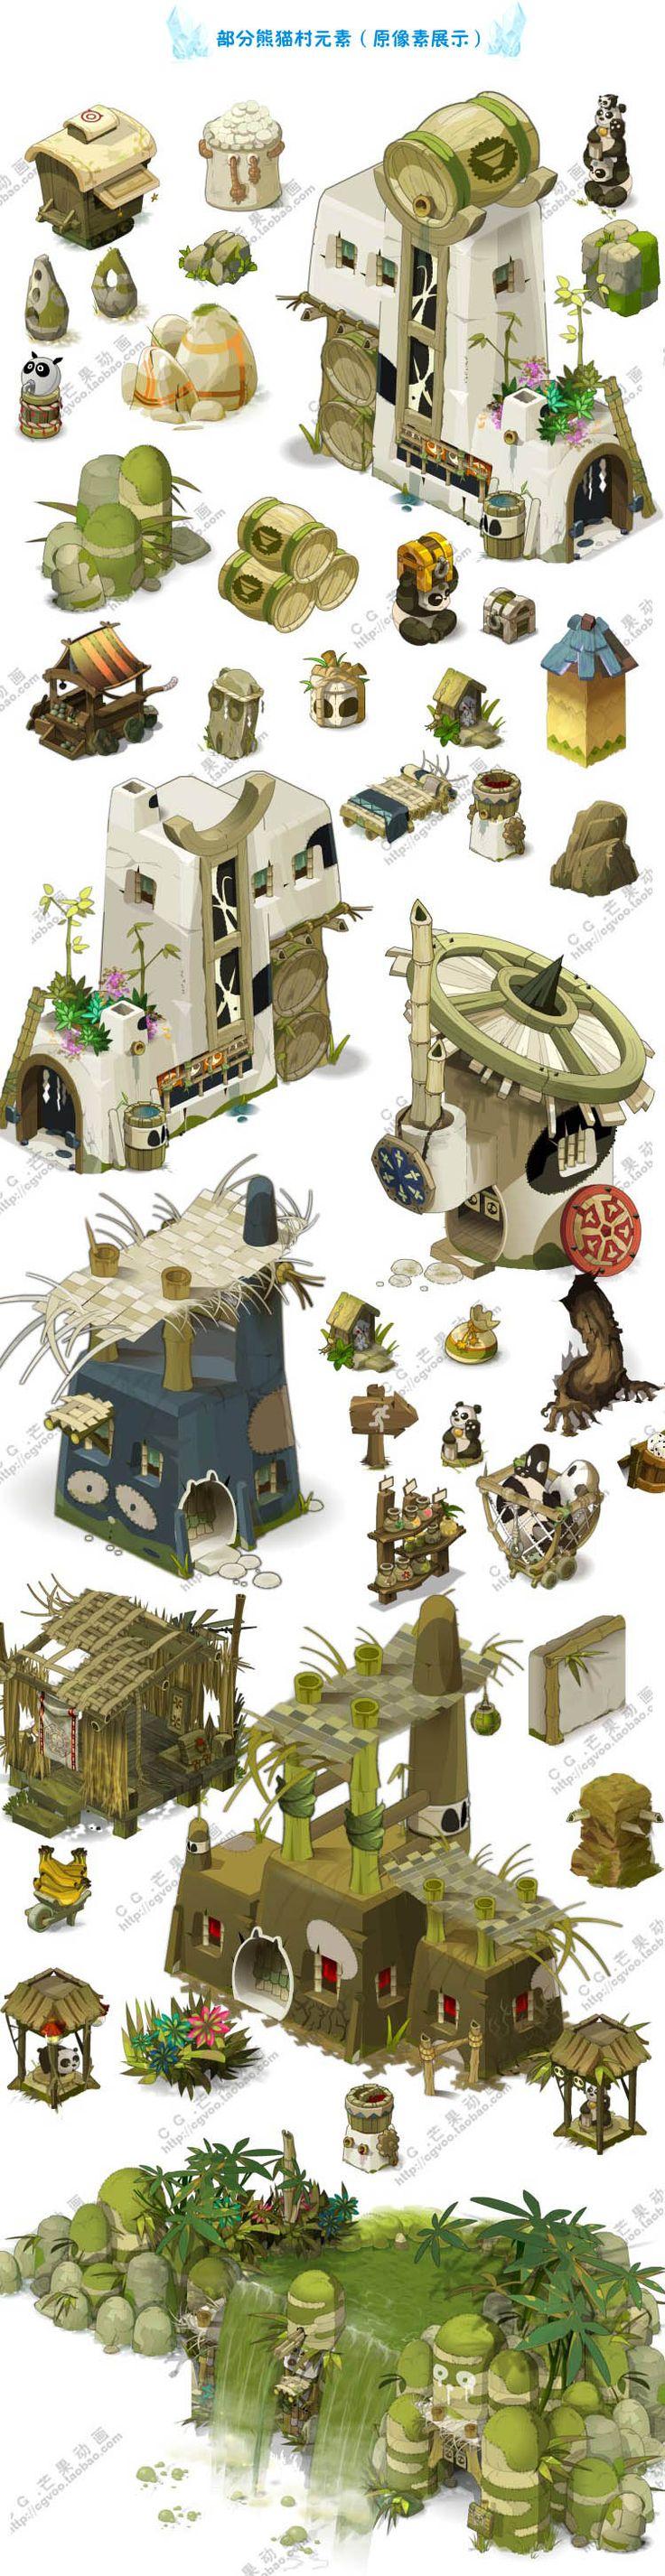 【游戏美术资源】《Dofus》 & 《沃土》Q版卡通全套元素/场景原画/UI素材